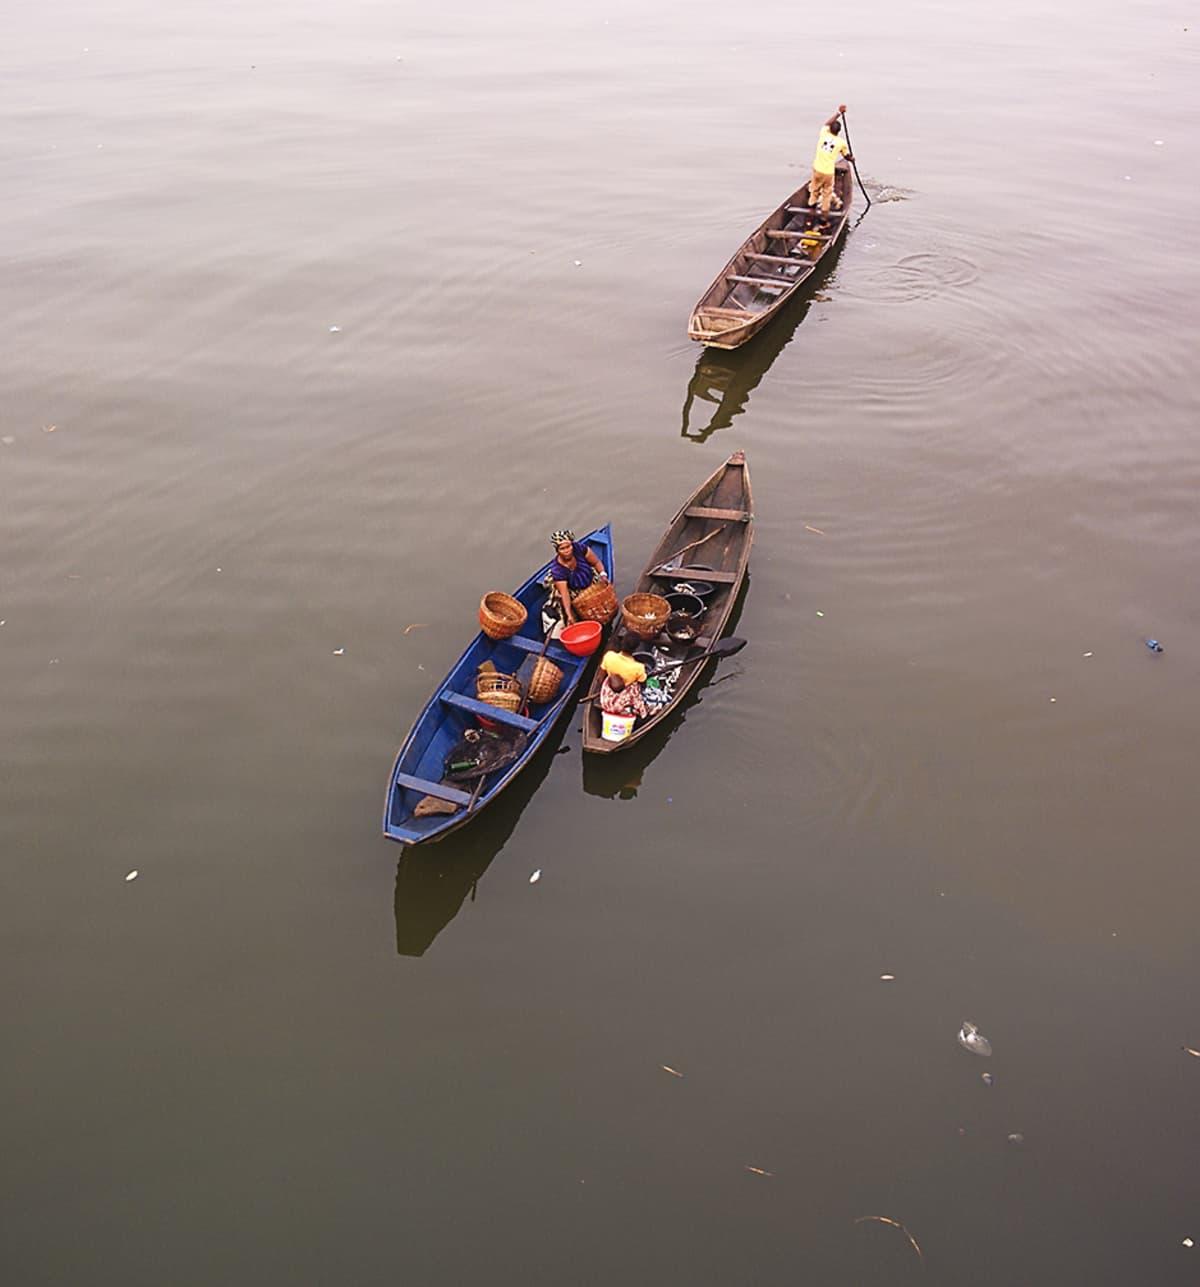 Hyttysten levittämät virukset lisääntyvät kuumissa ja kosteissa oloissa. Kalastajia Lagosin edustalla.